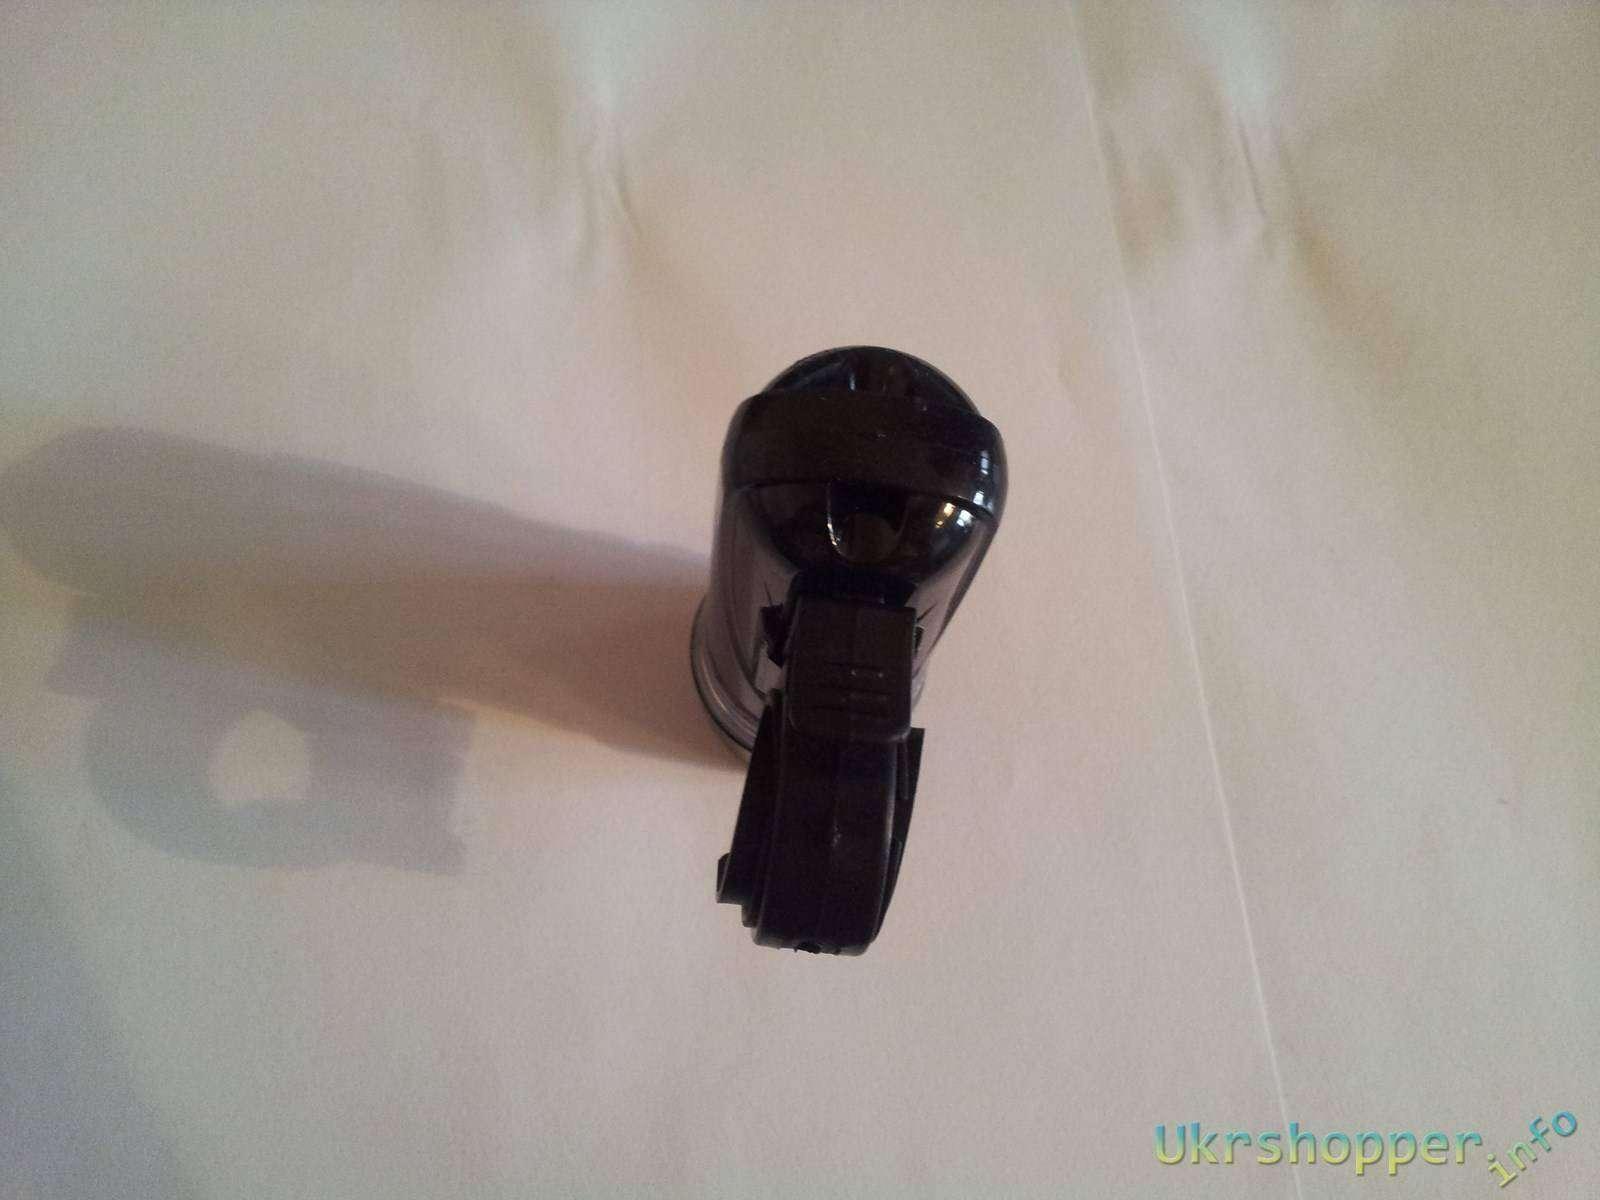 Aliexpress: Обзор велосипедного фонарика Power beam который не стоит покупать